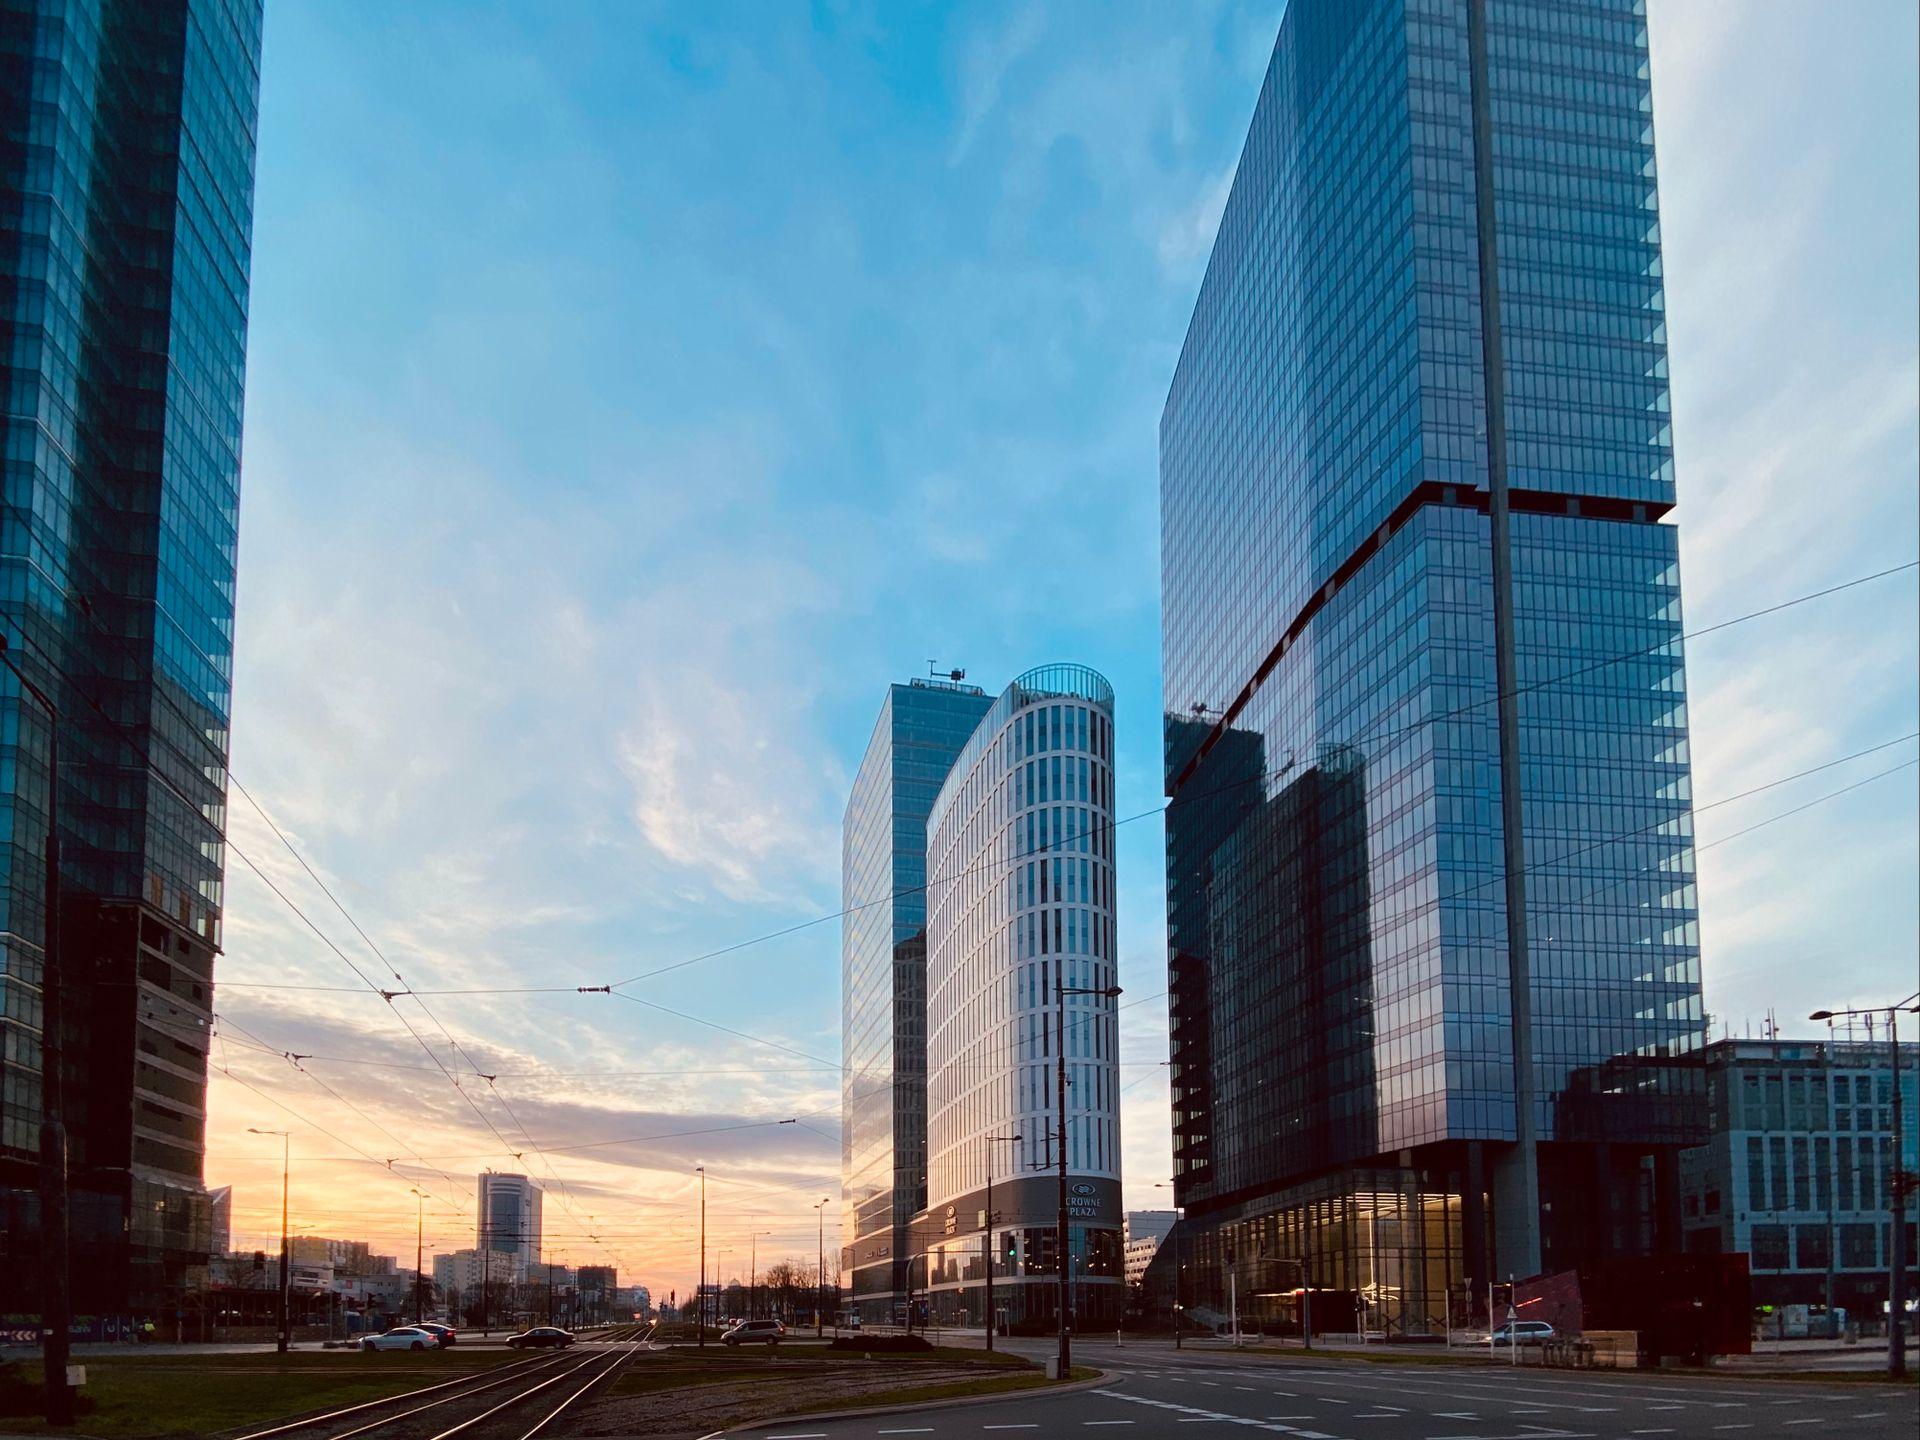 Znany globalny bank Standard Chartered zwiększy zatrudnienie w Warszawie